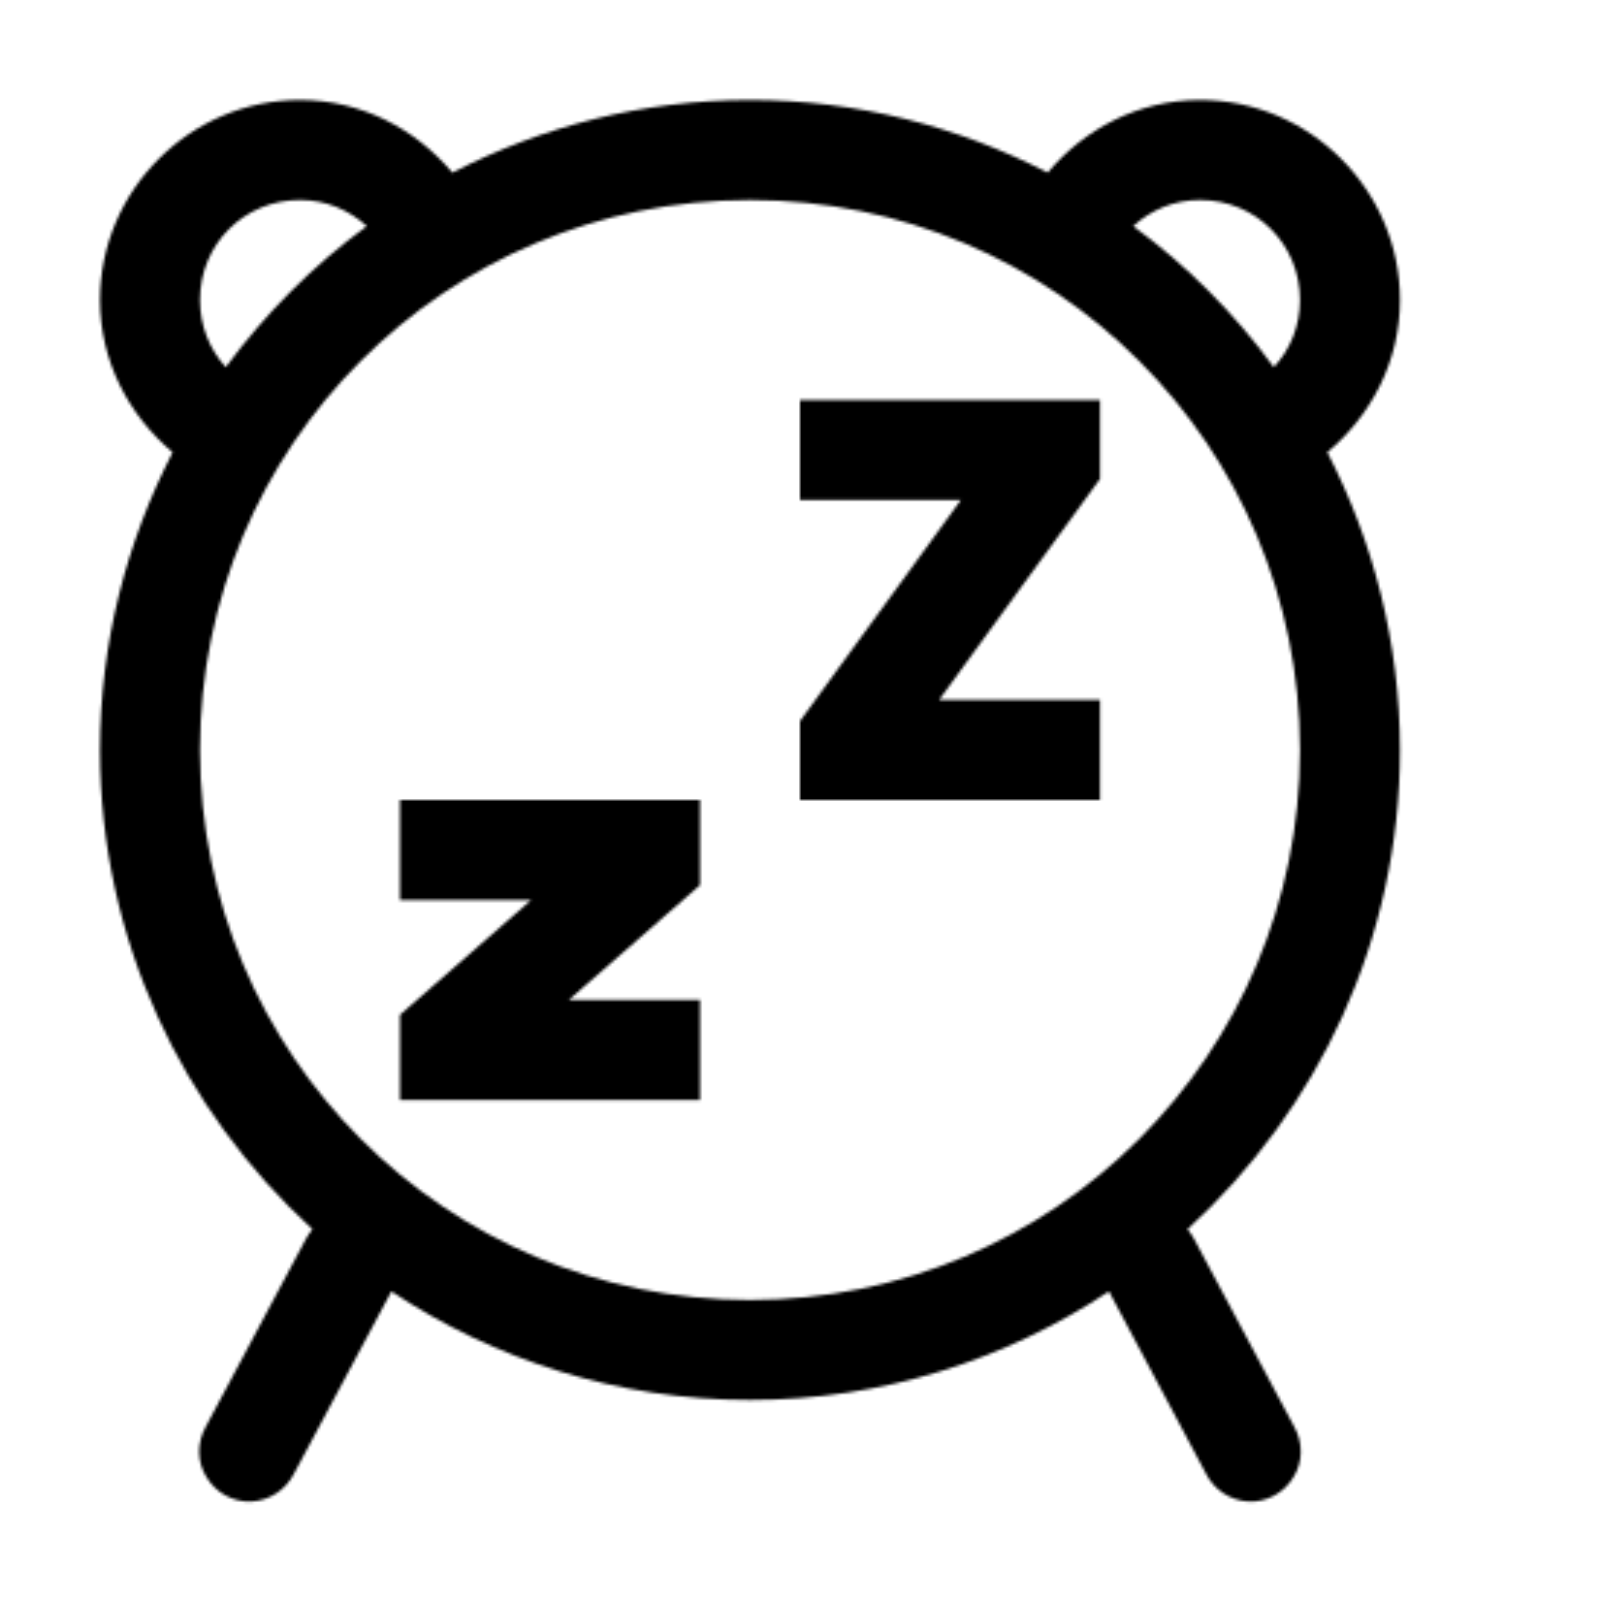 Отложенный будильник icon